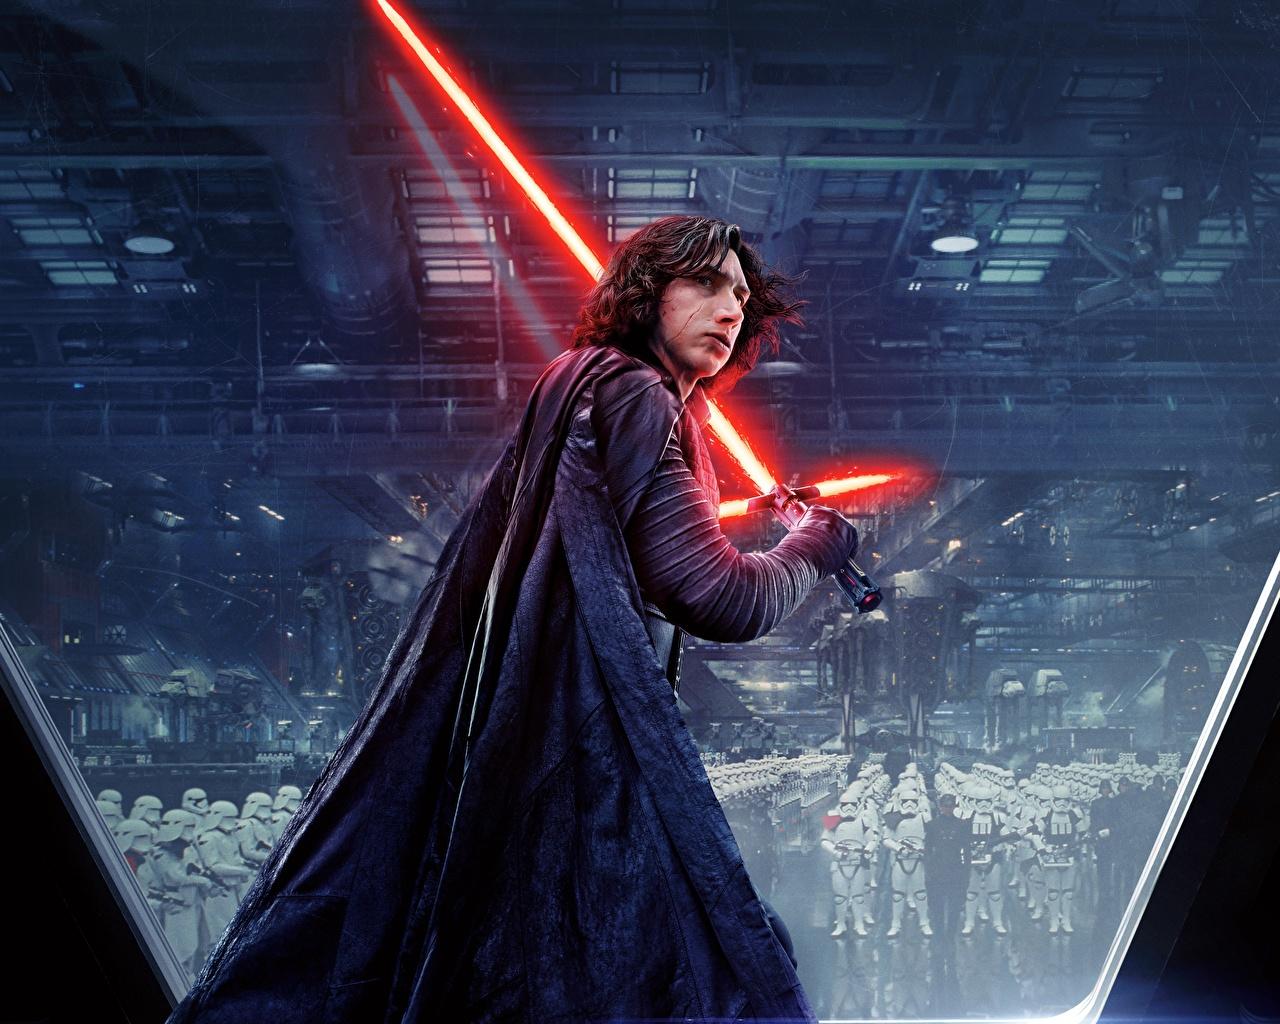 Картинка Фильмы Звёздные войны: Последние джедаи Световой меч Воители Kylo Ren, Adam Driver Мечи кино воин воины меч меча с мечом